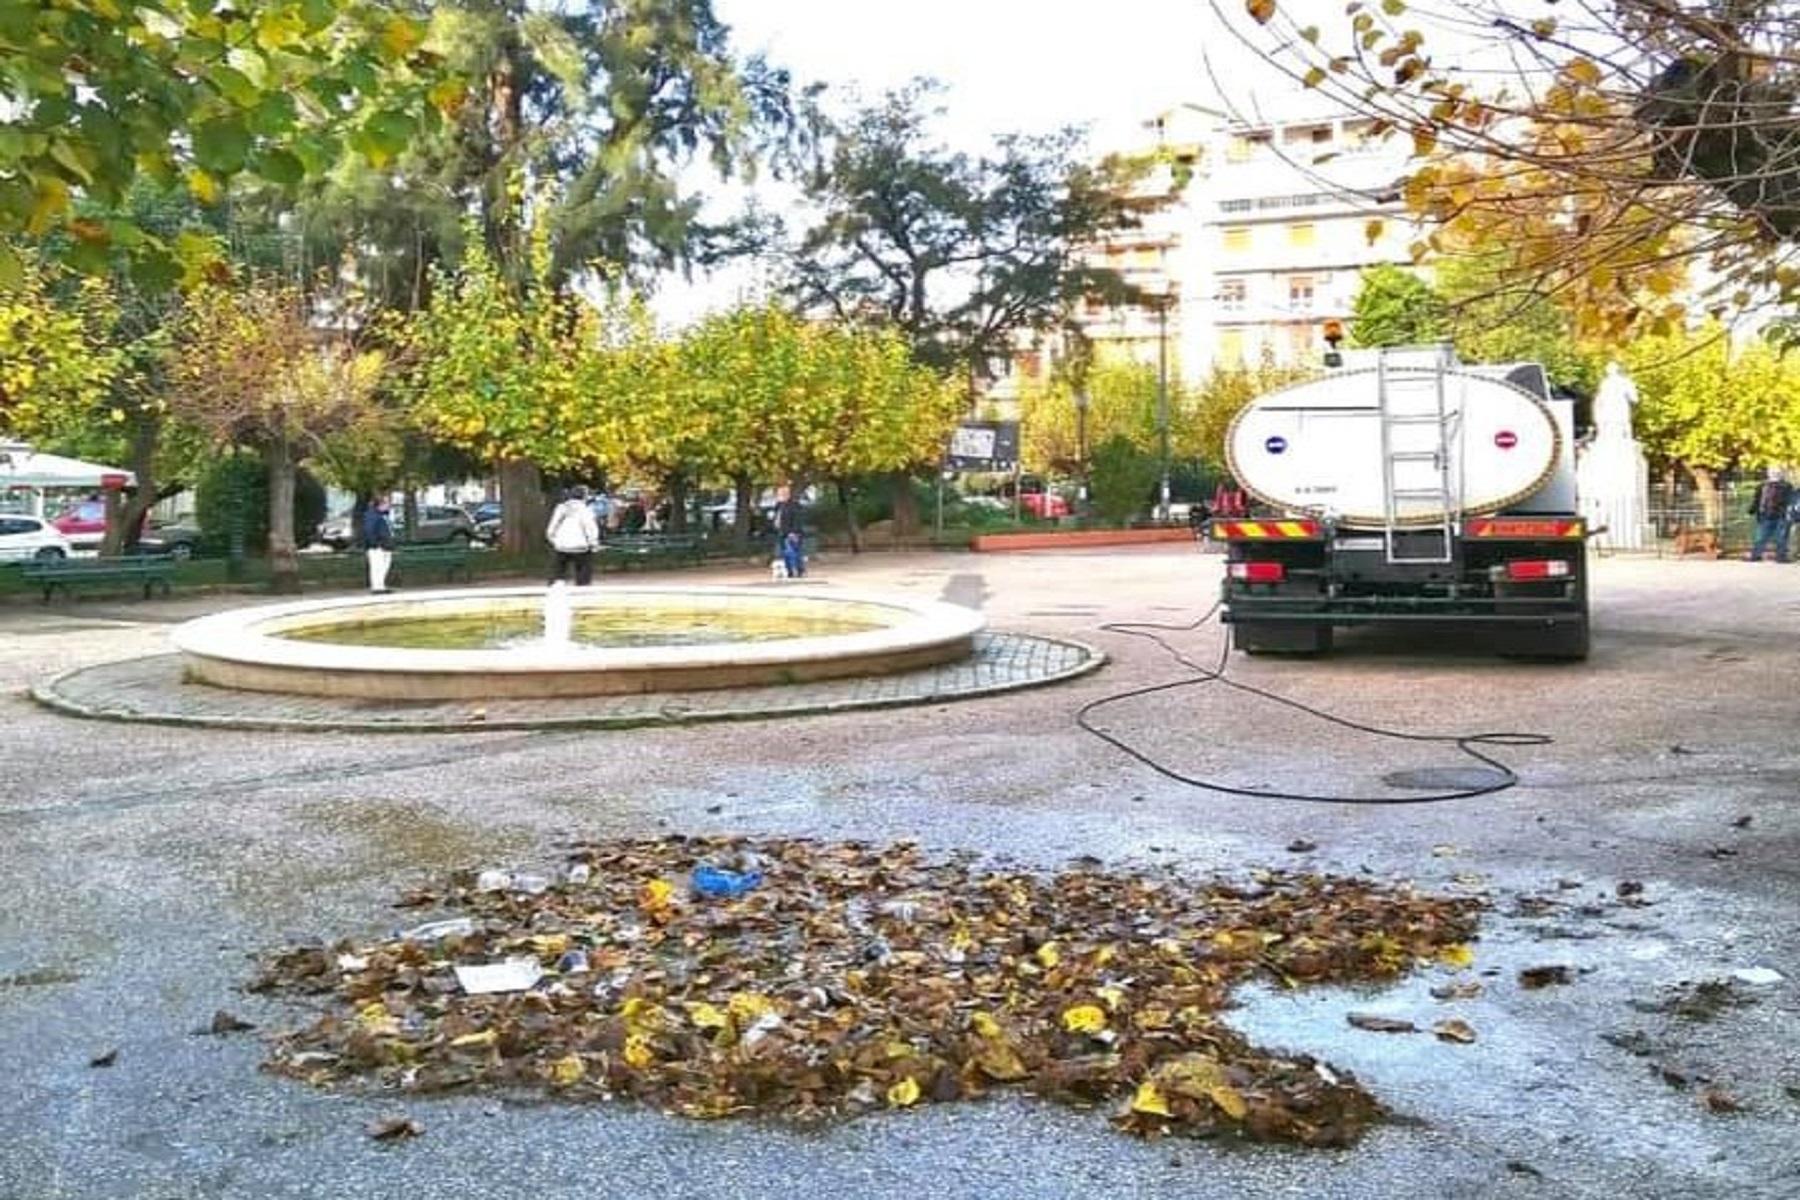 Αθήνα Καθαριότητα: Ο Μπακογιάννης στη μάχη για τον βαθύ καθαρισμό της πόλης